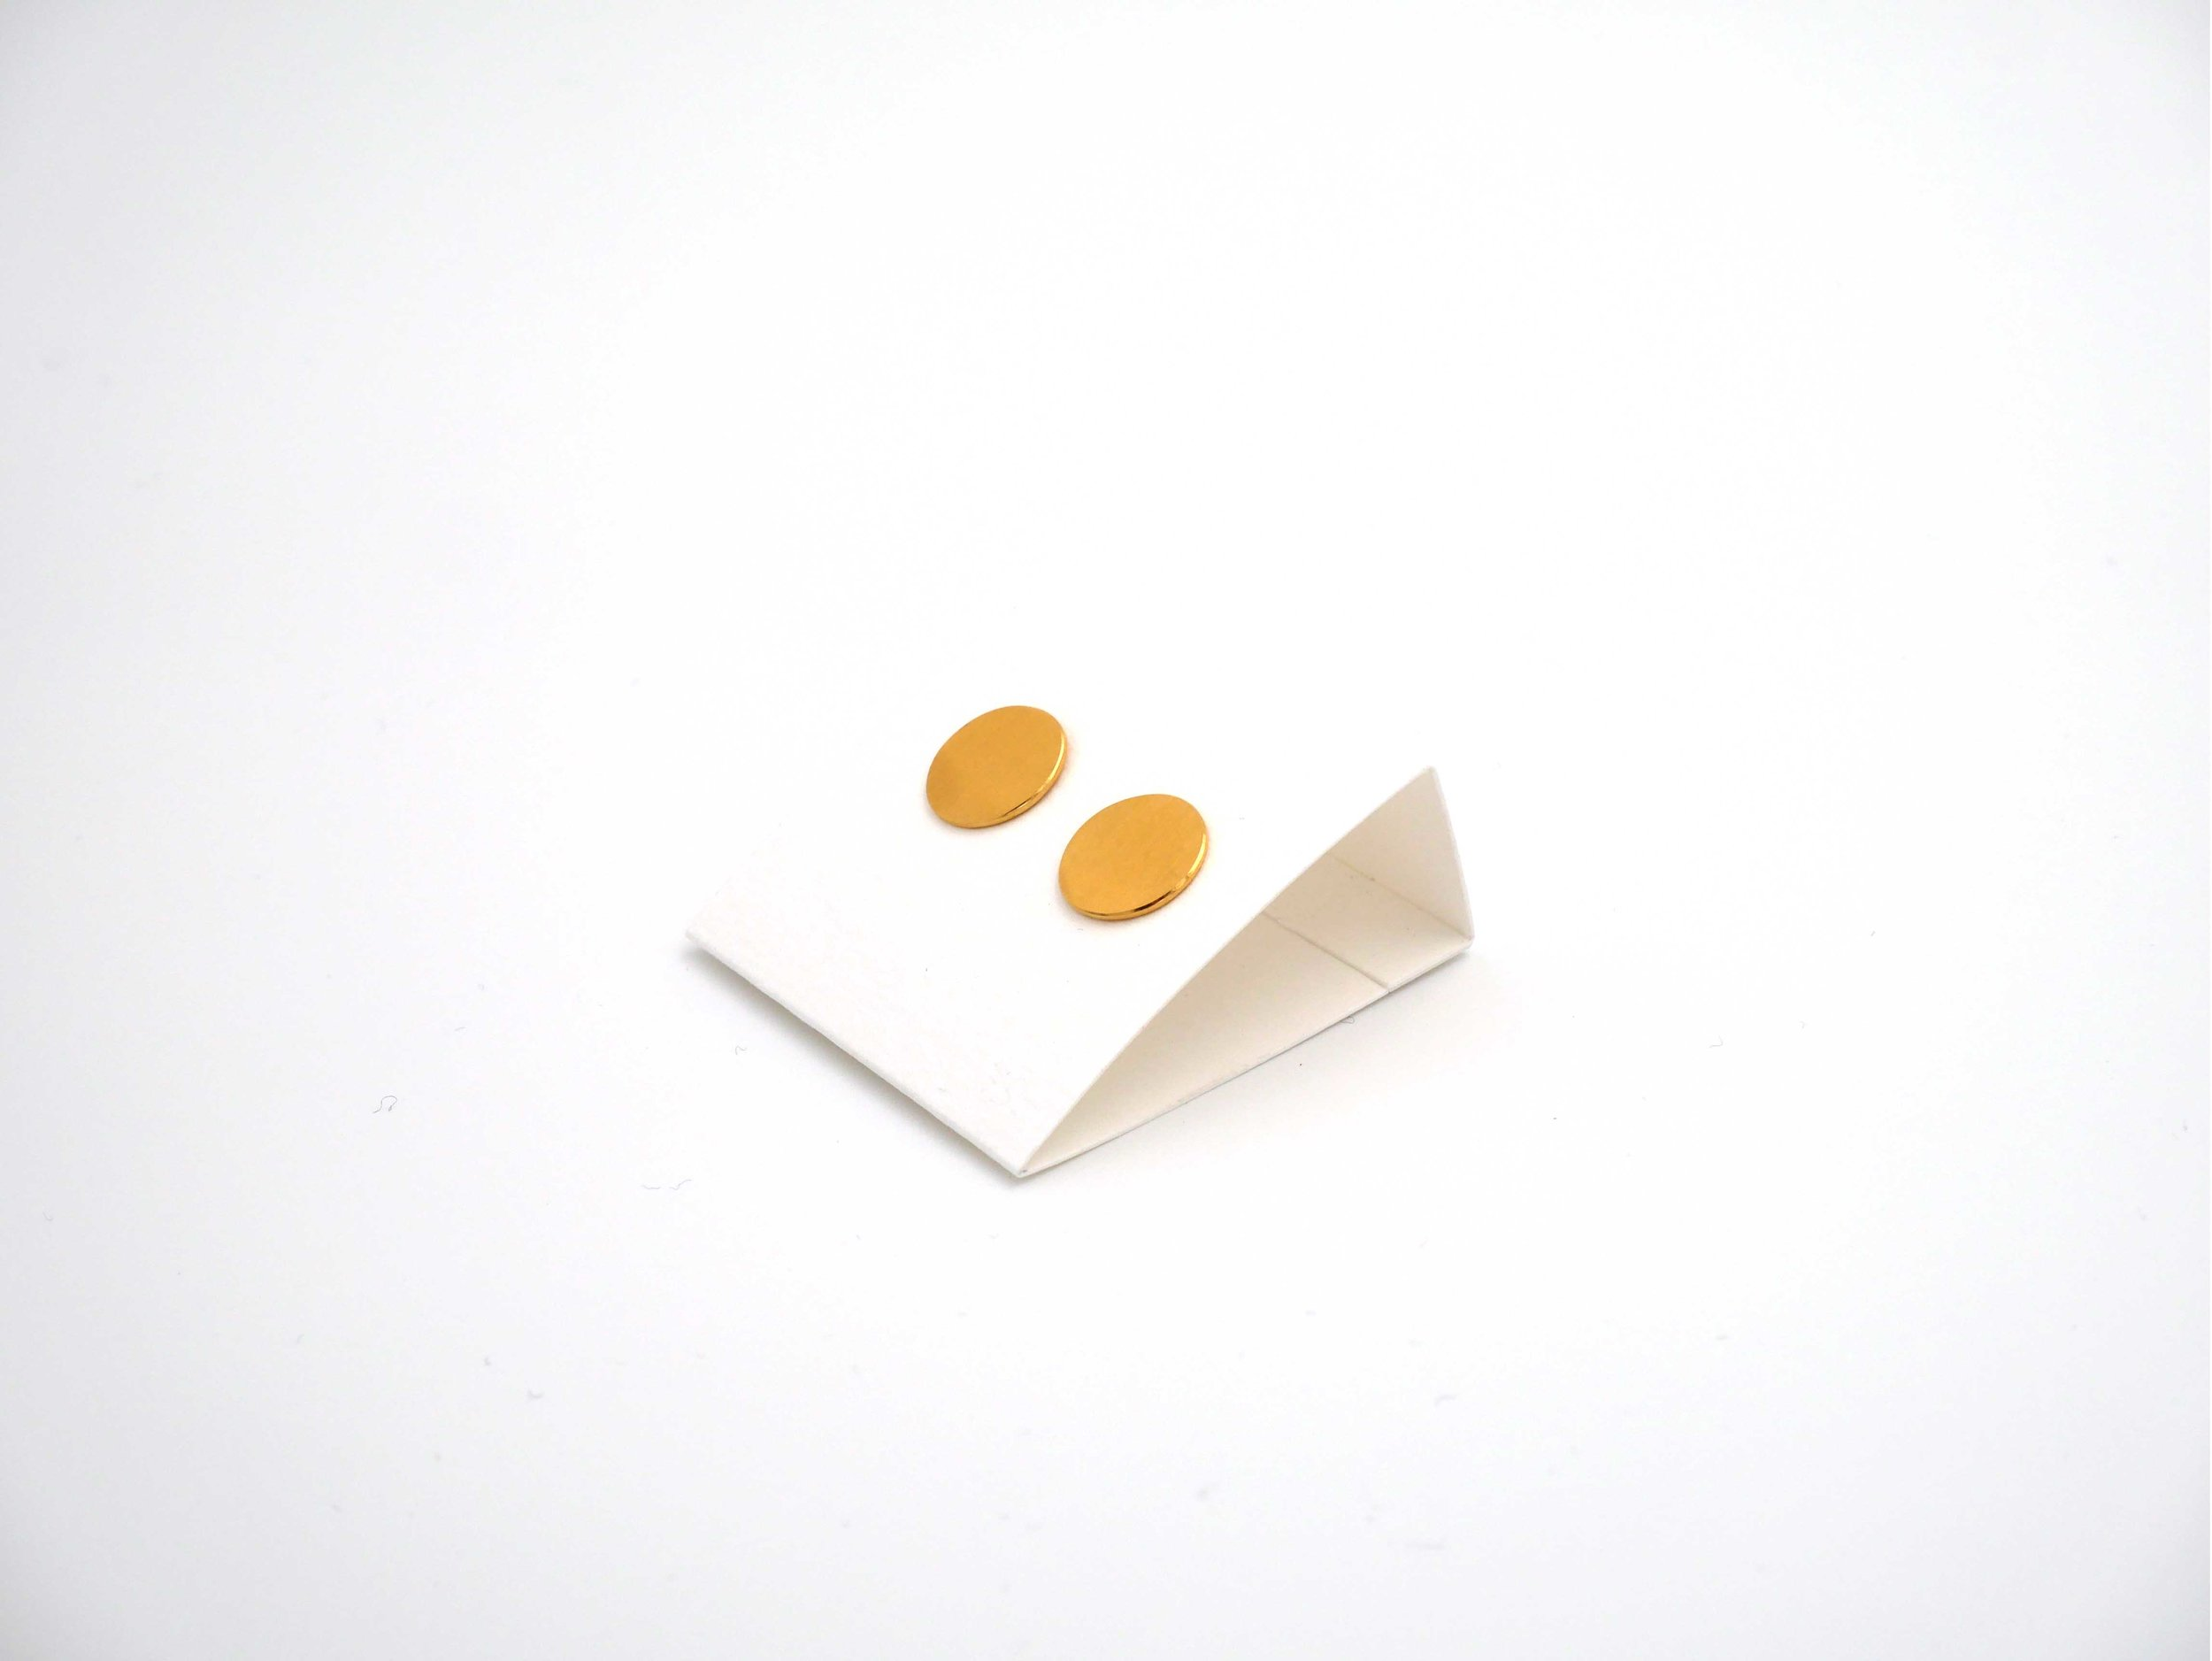 Bijoux de mariage - Boucles d'oreilles, argent plaqué or jaune